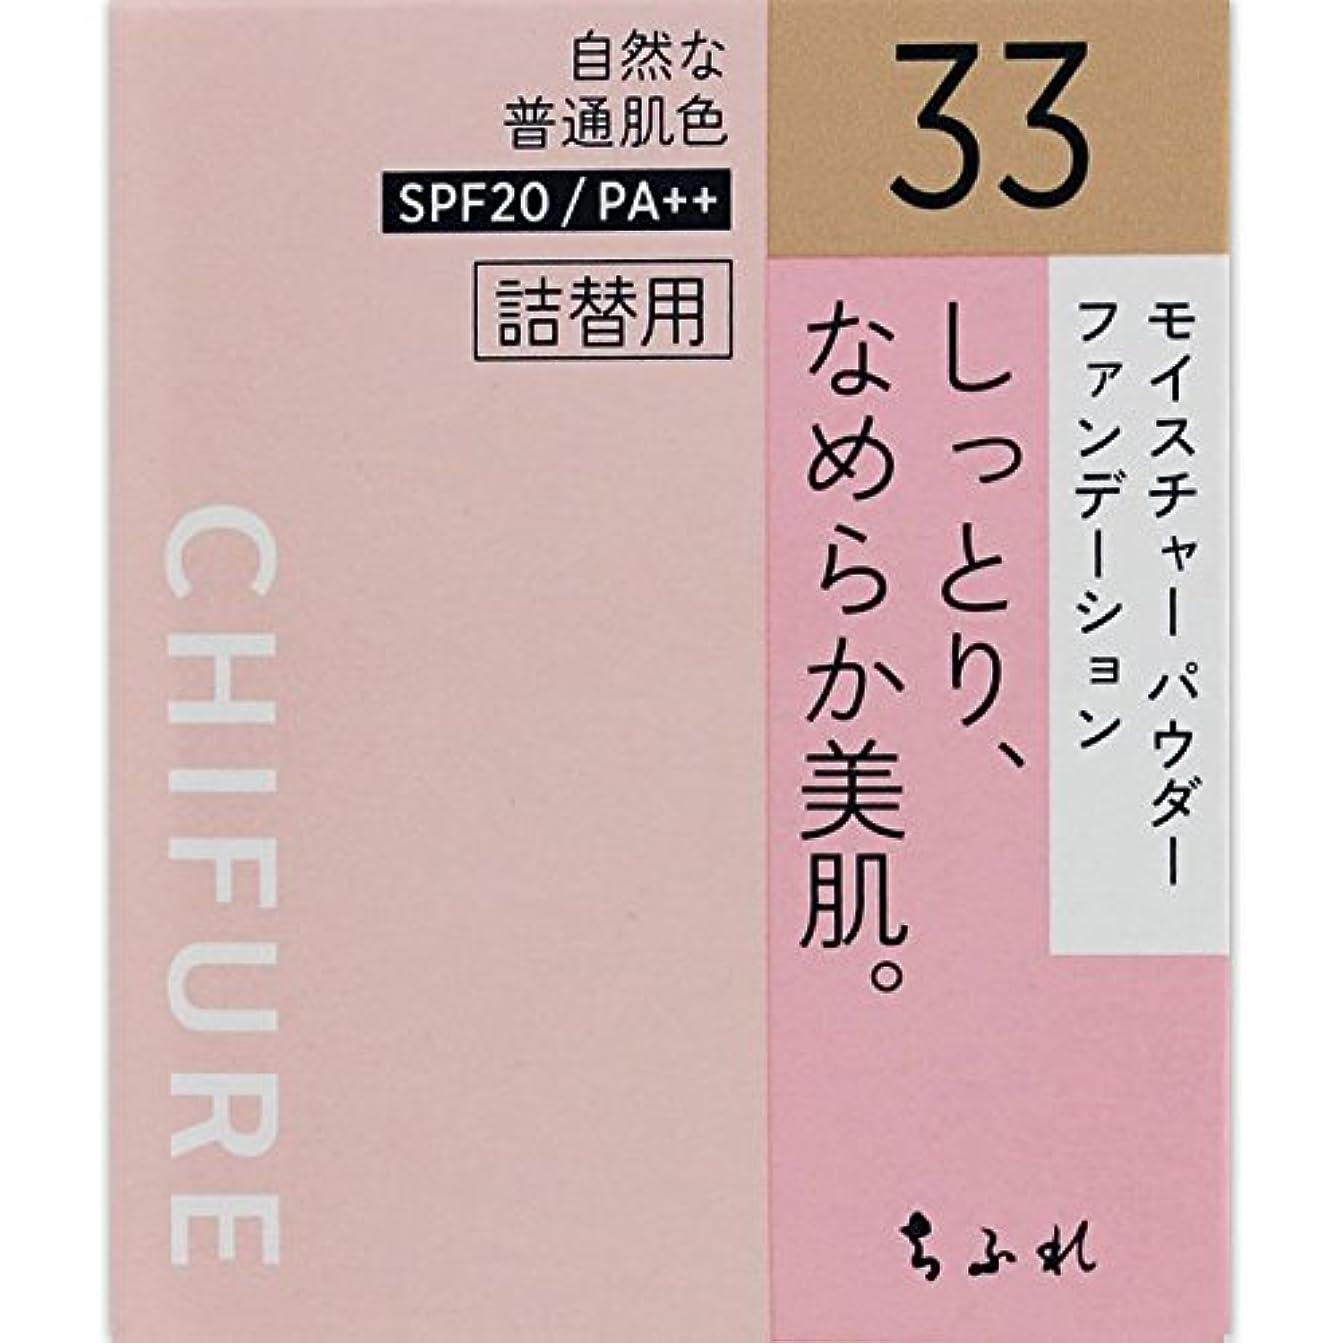 代わりにを立てる祝福するハウジングちふれ化粧品 モイスチャー パウダーファンデーション 詰替用 オークル系 MパウダーFD詰替用33